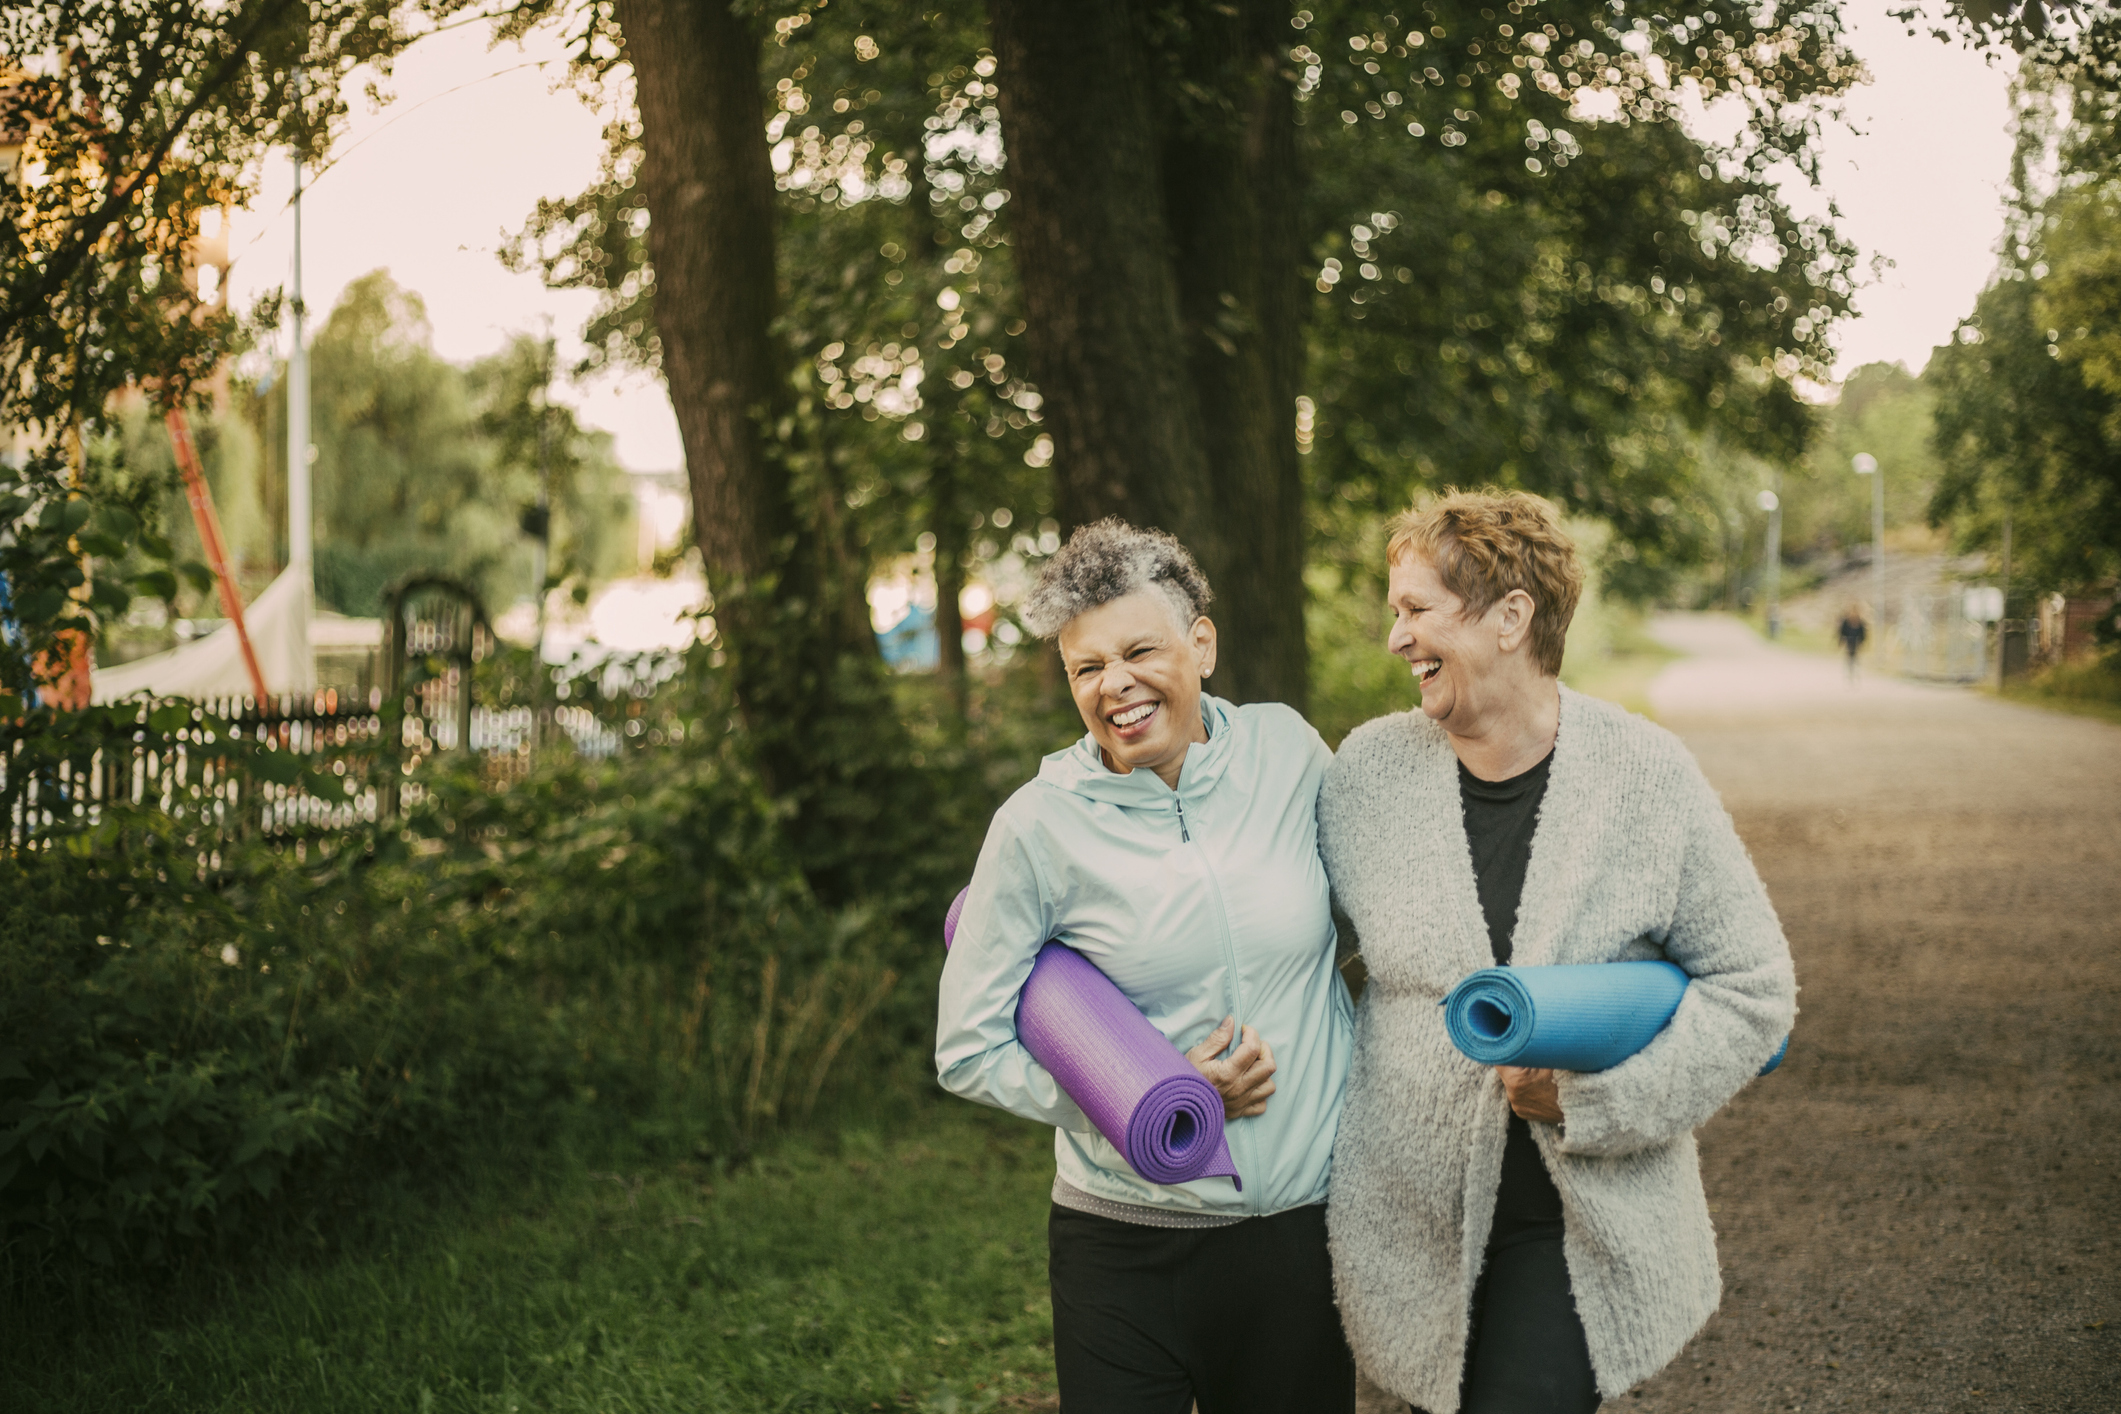 perte de mobilité : les activités sportives adaptées aux seniors